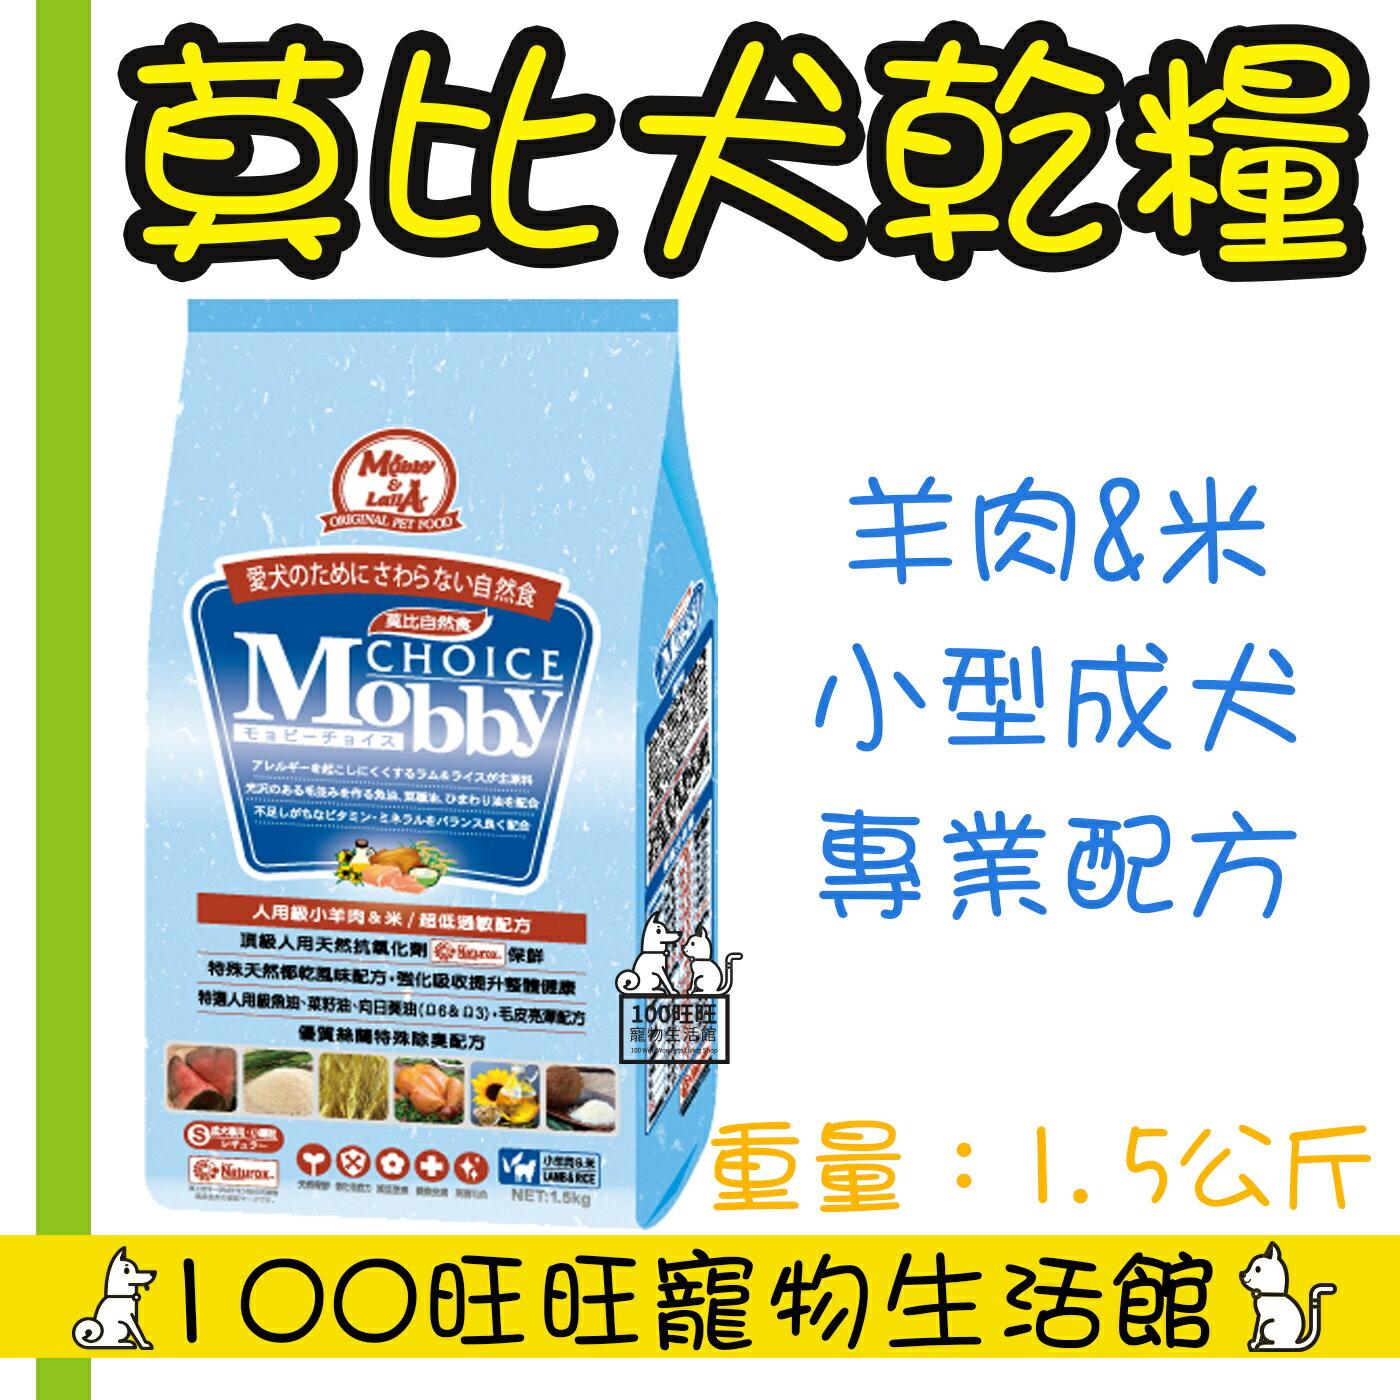 Mobby 莫比 羊肉米 小型成犬 1.5kg - 限時優惠好康折扣